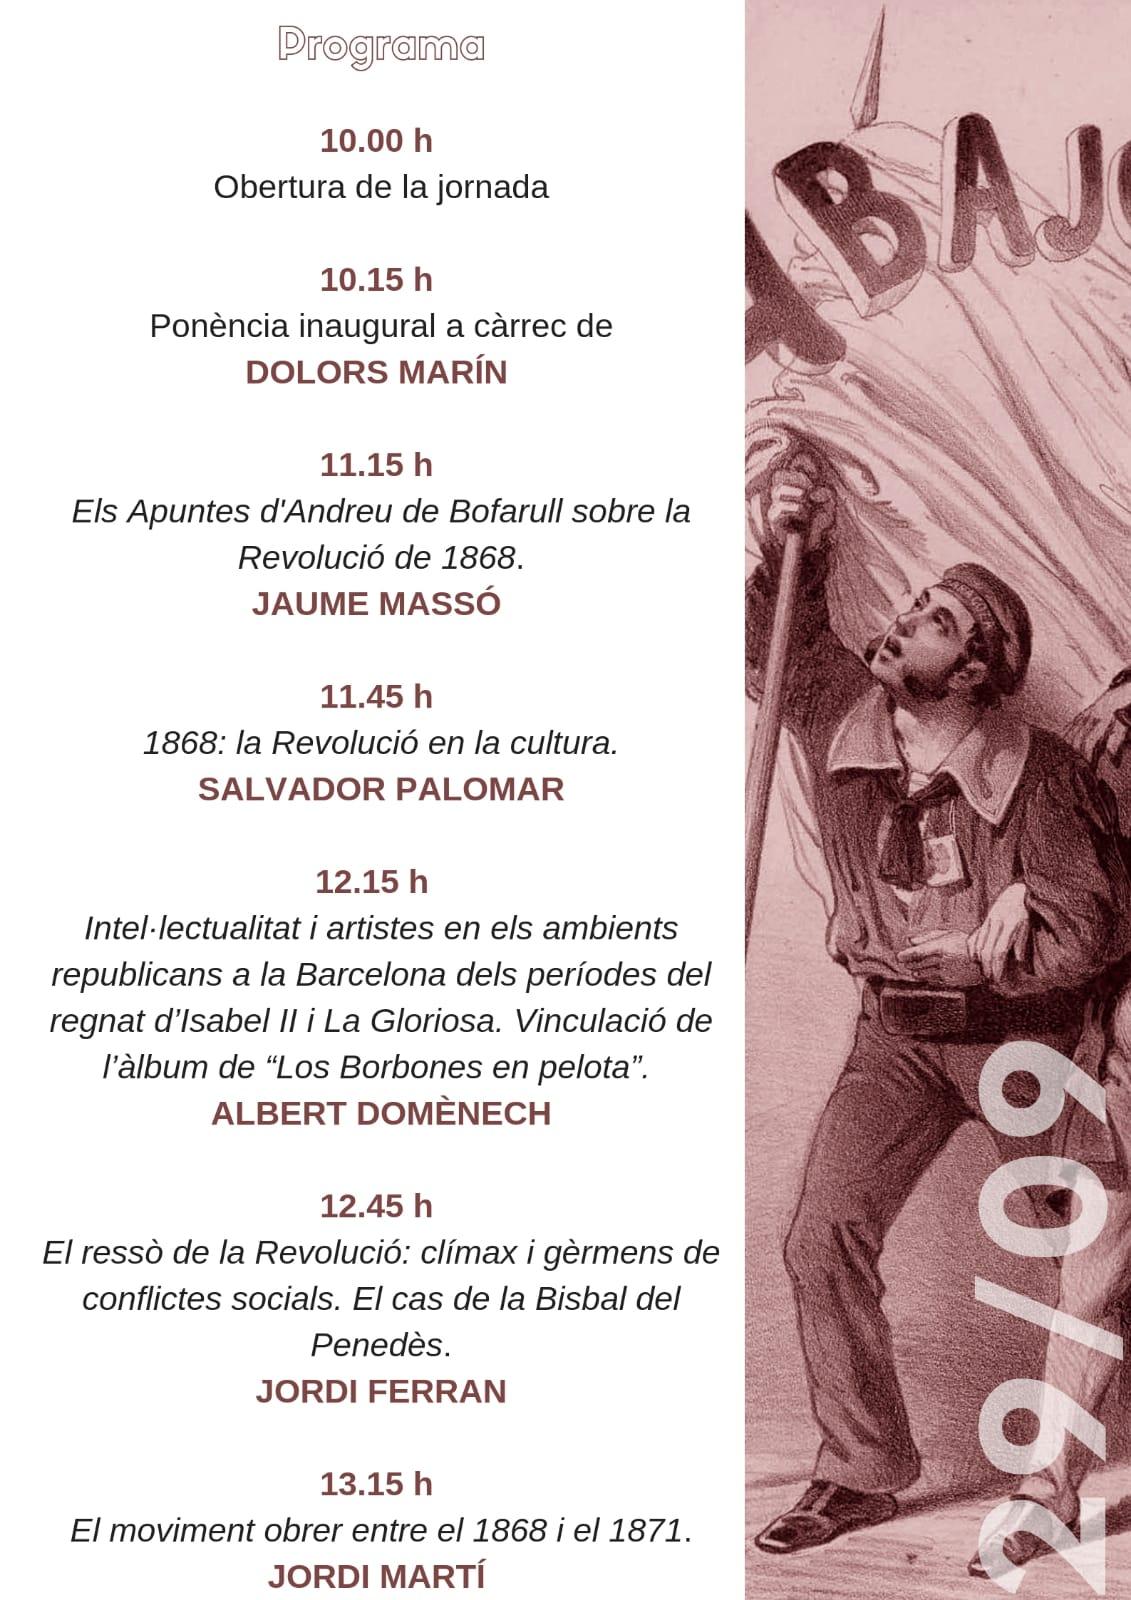 El bisbalenc Jordi Ferran pronunciarà una conferència sobre la Bisbal aquest dissabte a Reus